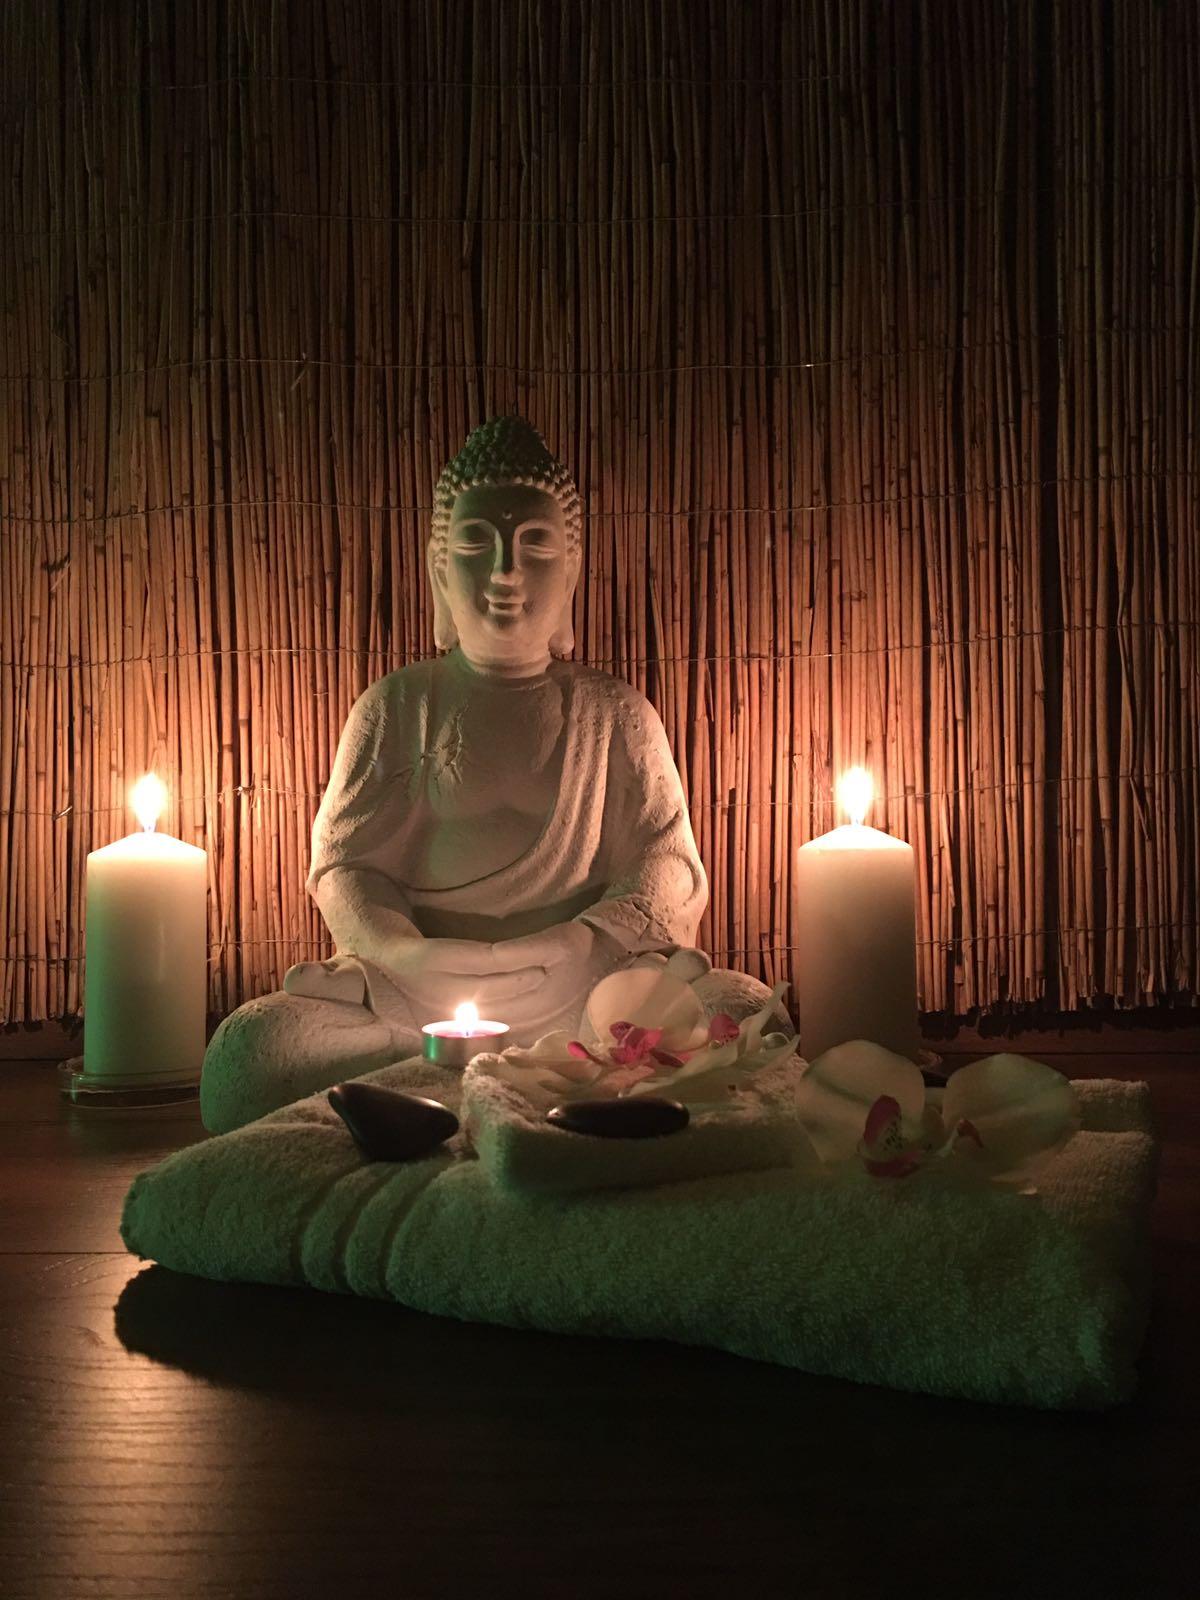 Masáže, relaxace, masáž doma, kvalitní masáž